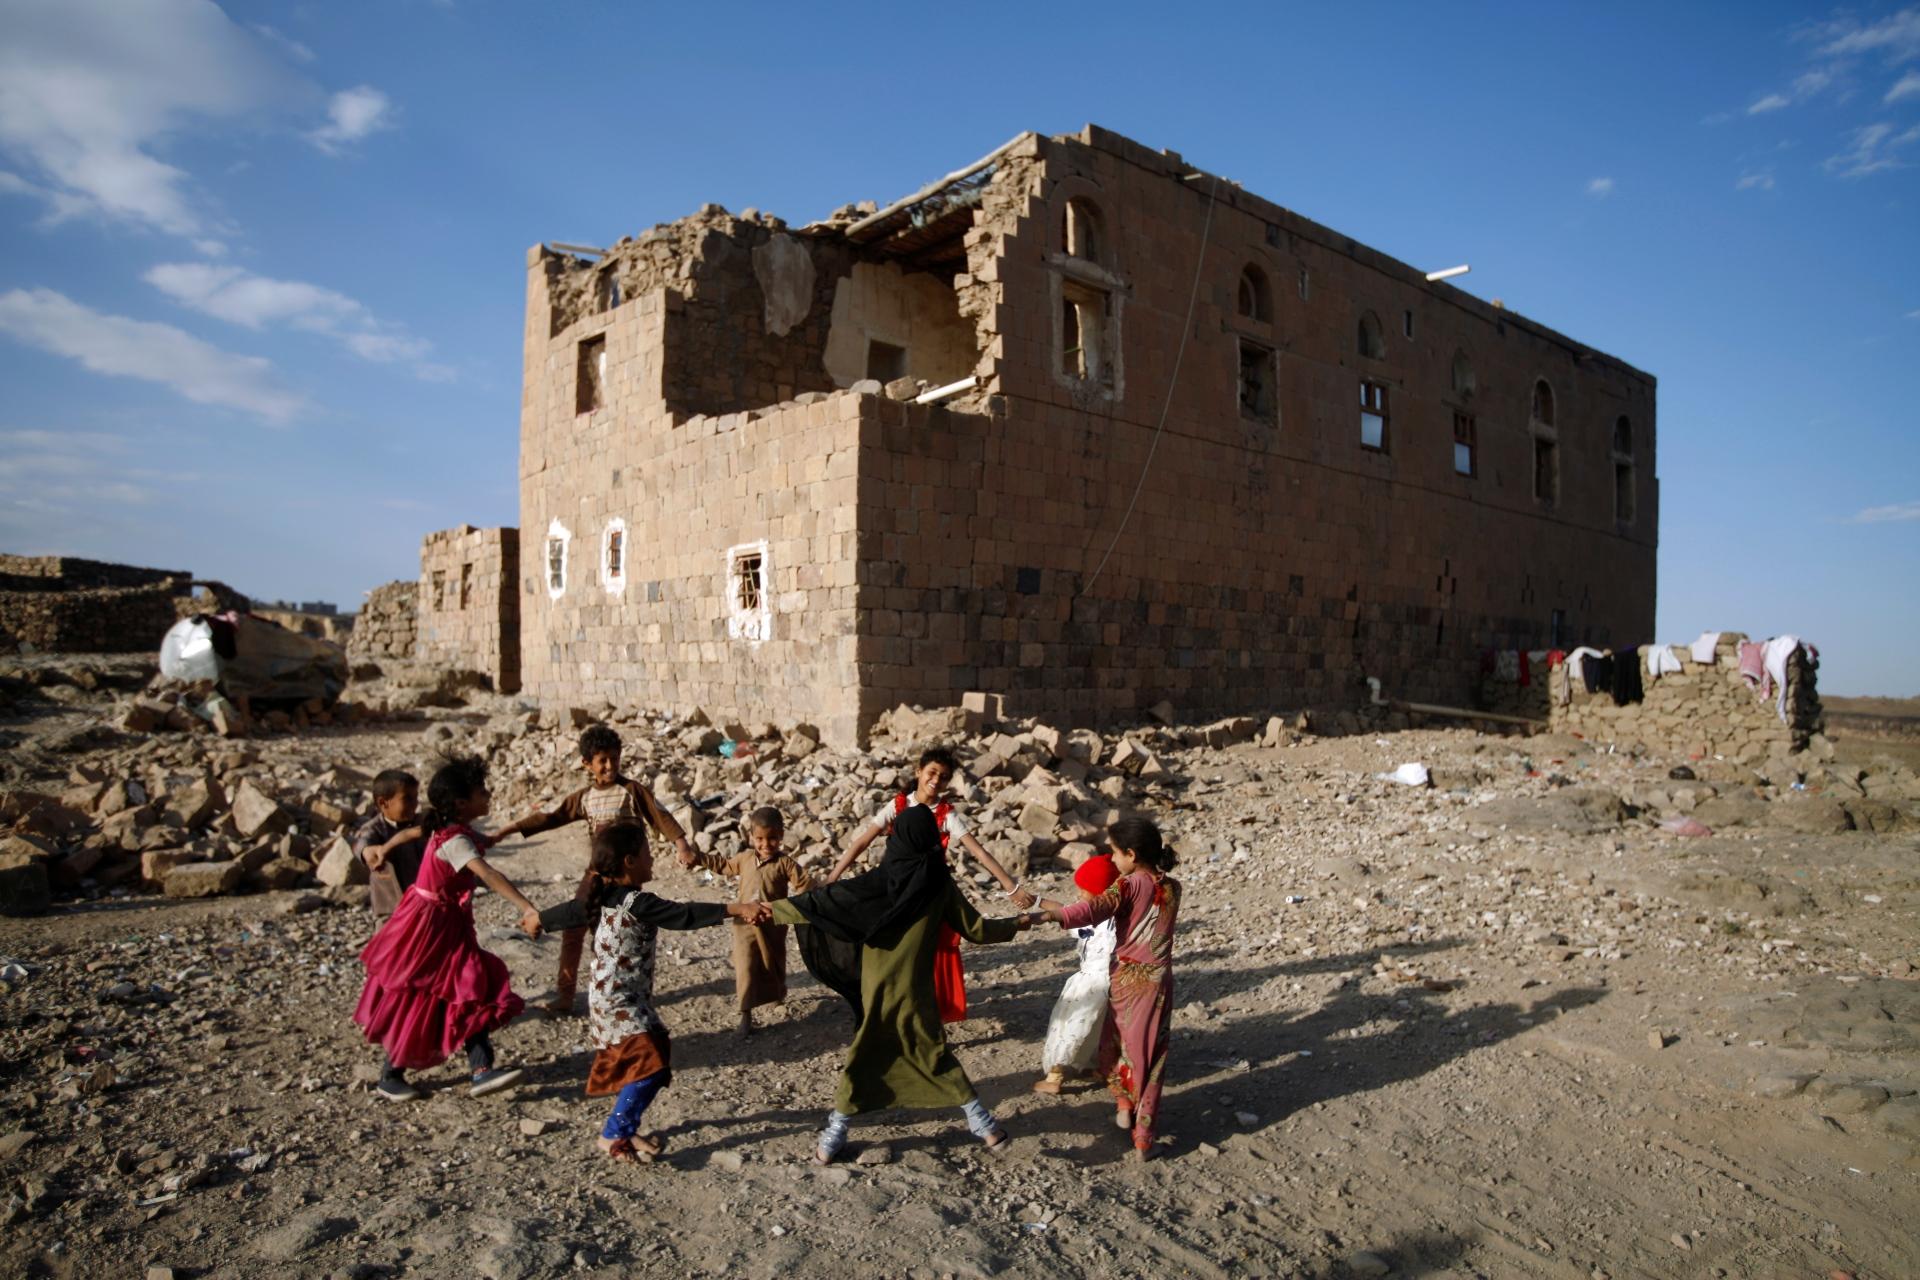 Crianças brincam perto de casa destruída por ataque aéreo nos arredores de Sanaa